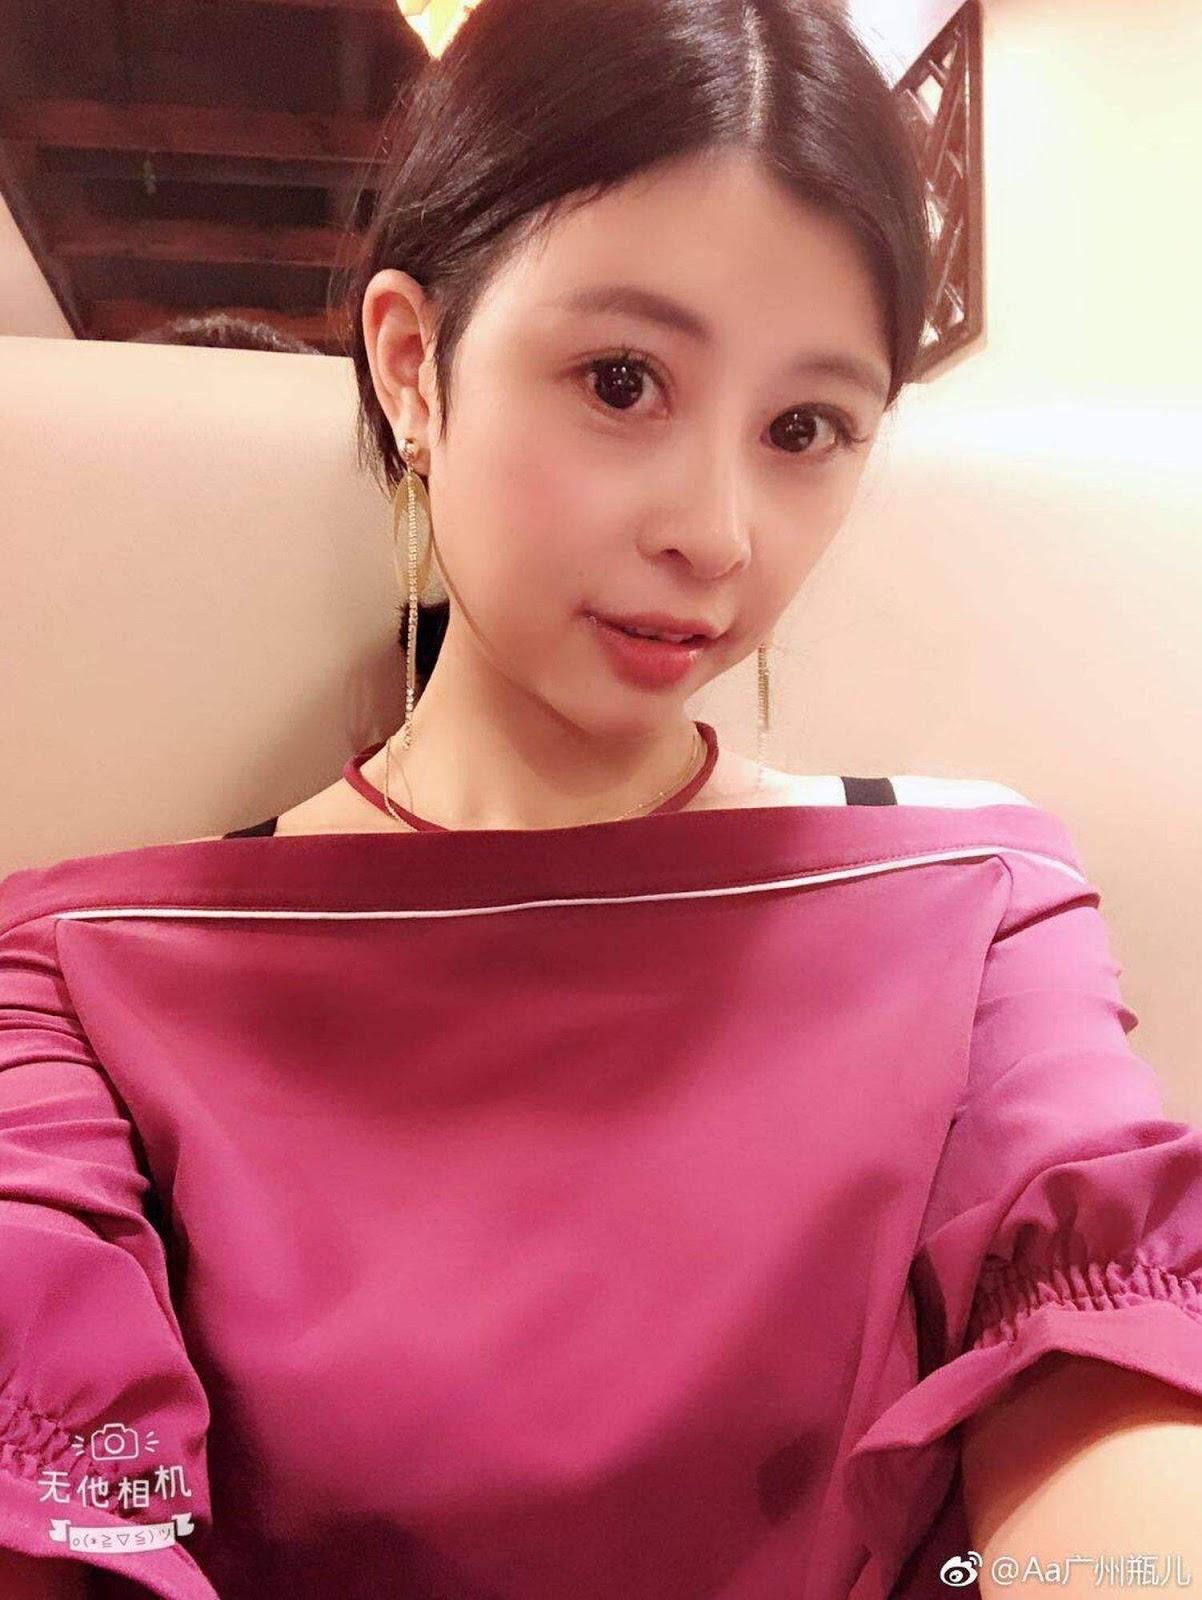 aHR0cHM6Ly93d3cubXlteXBpYy5uZXQvZGF0YS9hdHRhY2htZW50L2ZvcnVtLzIwMTkwOC8yMC8wODM0NDZxZjkzczVyNjUxNnlzMWk2LmpwZy50aHVtYi5qcGc%253D - 成都瓶儿 - Chengdu Pinger big tits selfie nude 2020